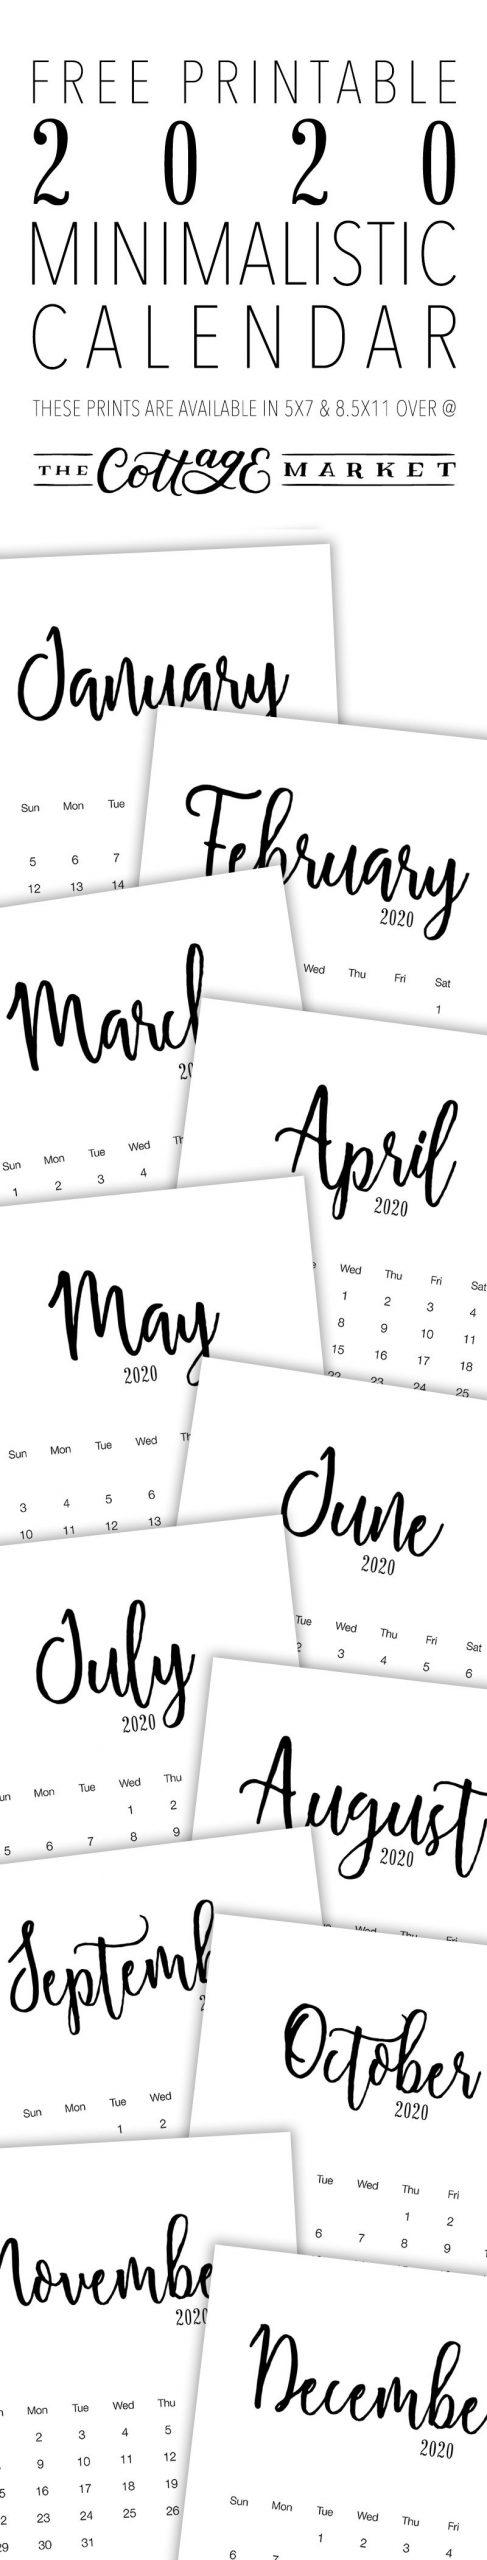 Free Printable 2020 Minimalist Calendar The Cottage Market